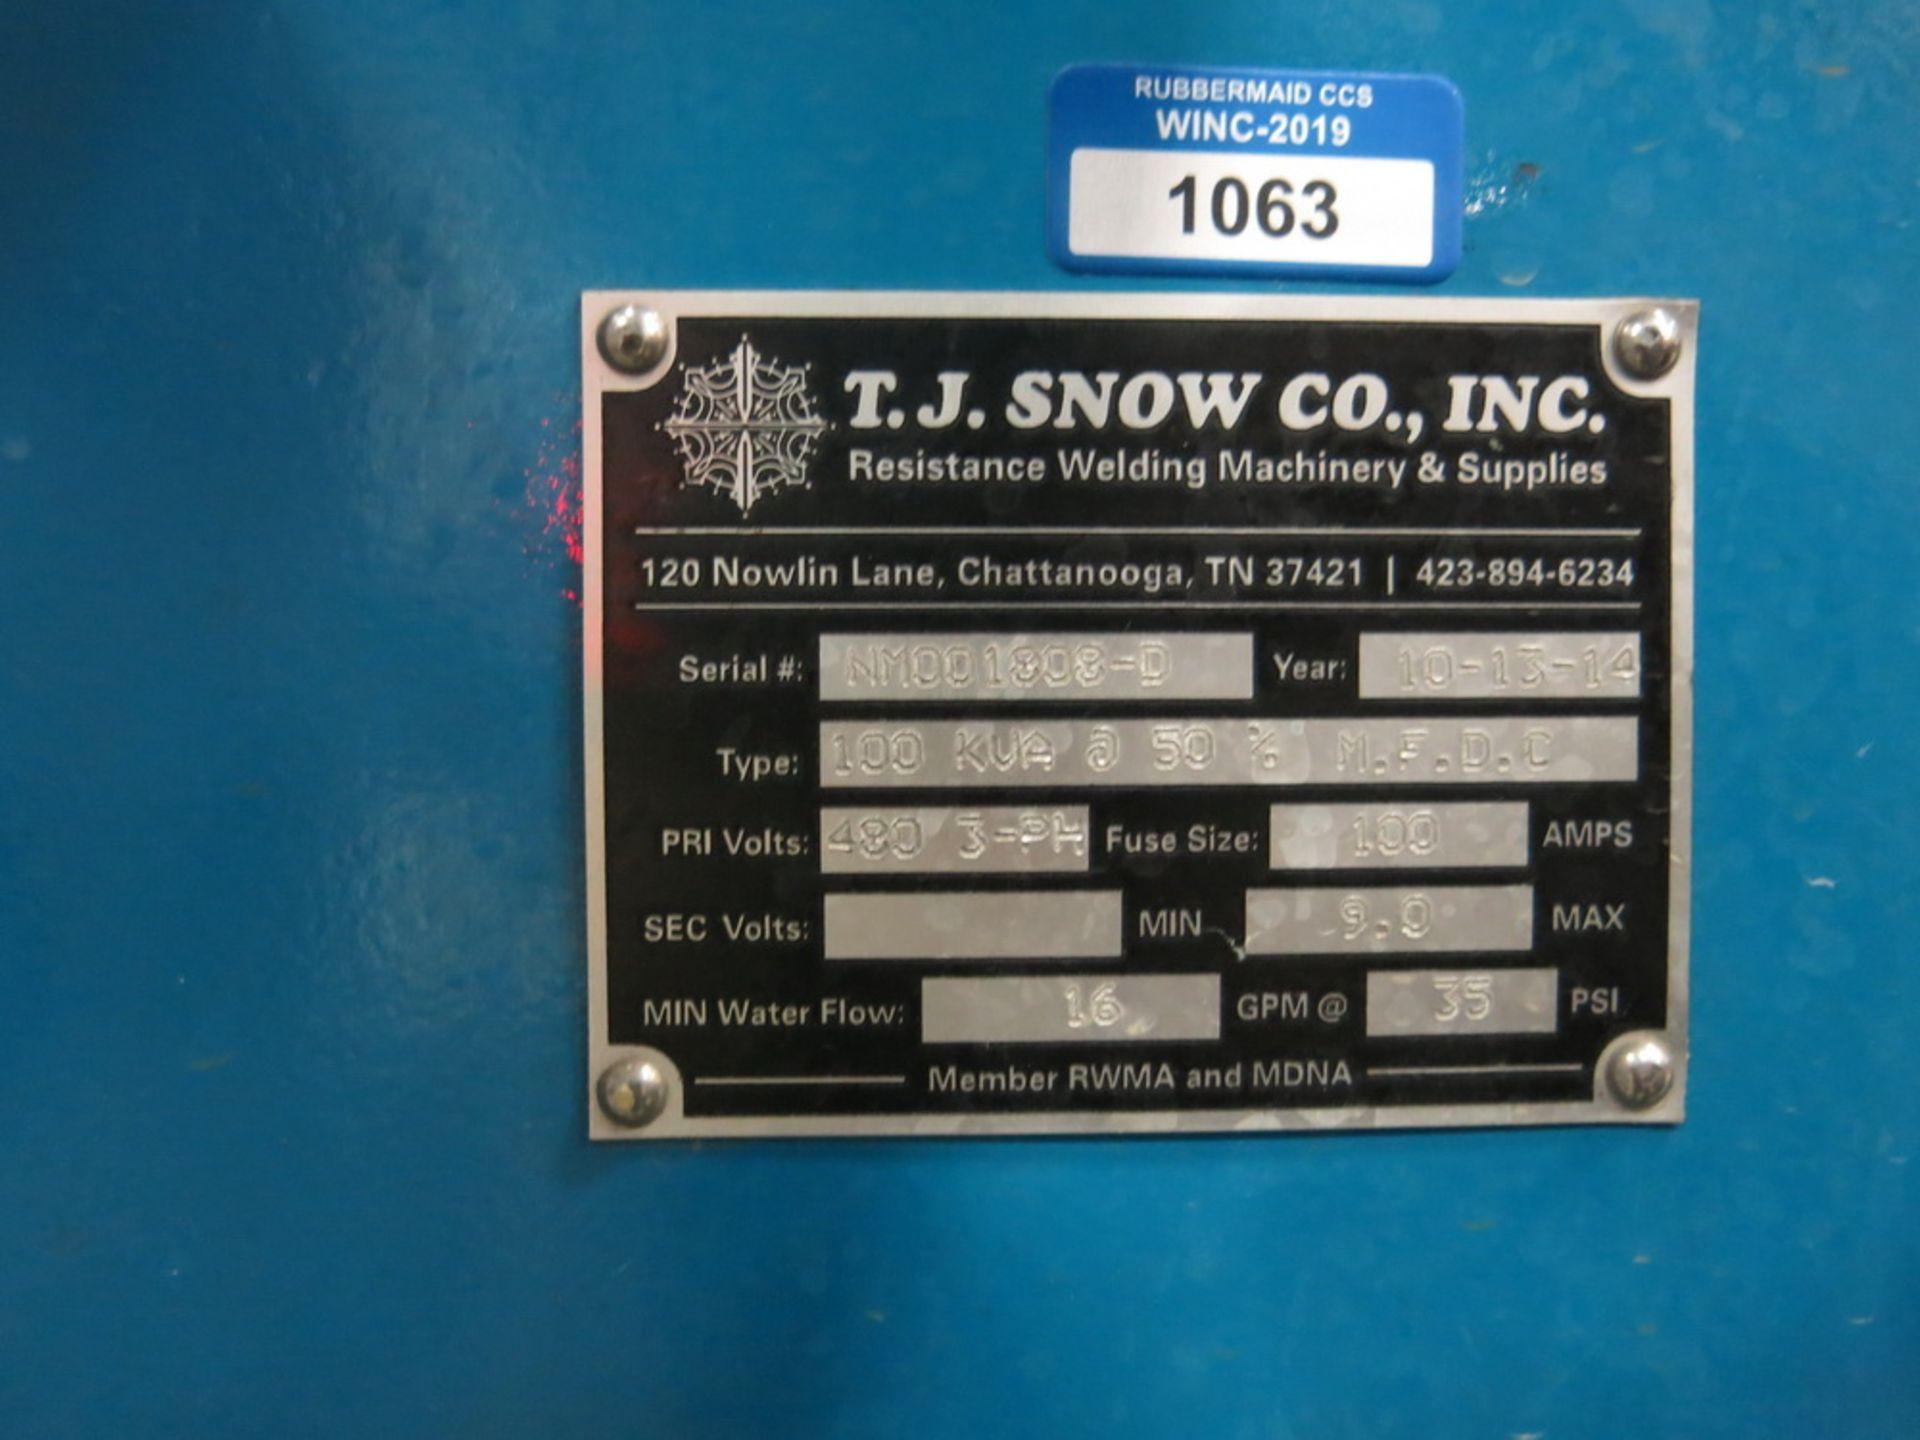 Lot 36 - 2014 T.J. Snow 100 KVA @ 50 Percent M.F.D.C. Dual Head Spot Welder